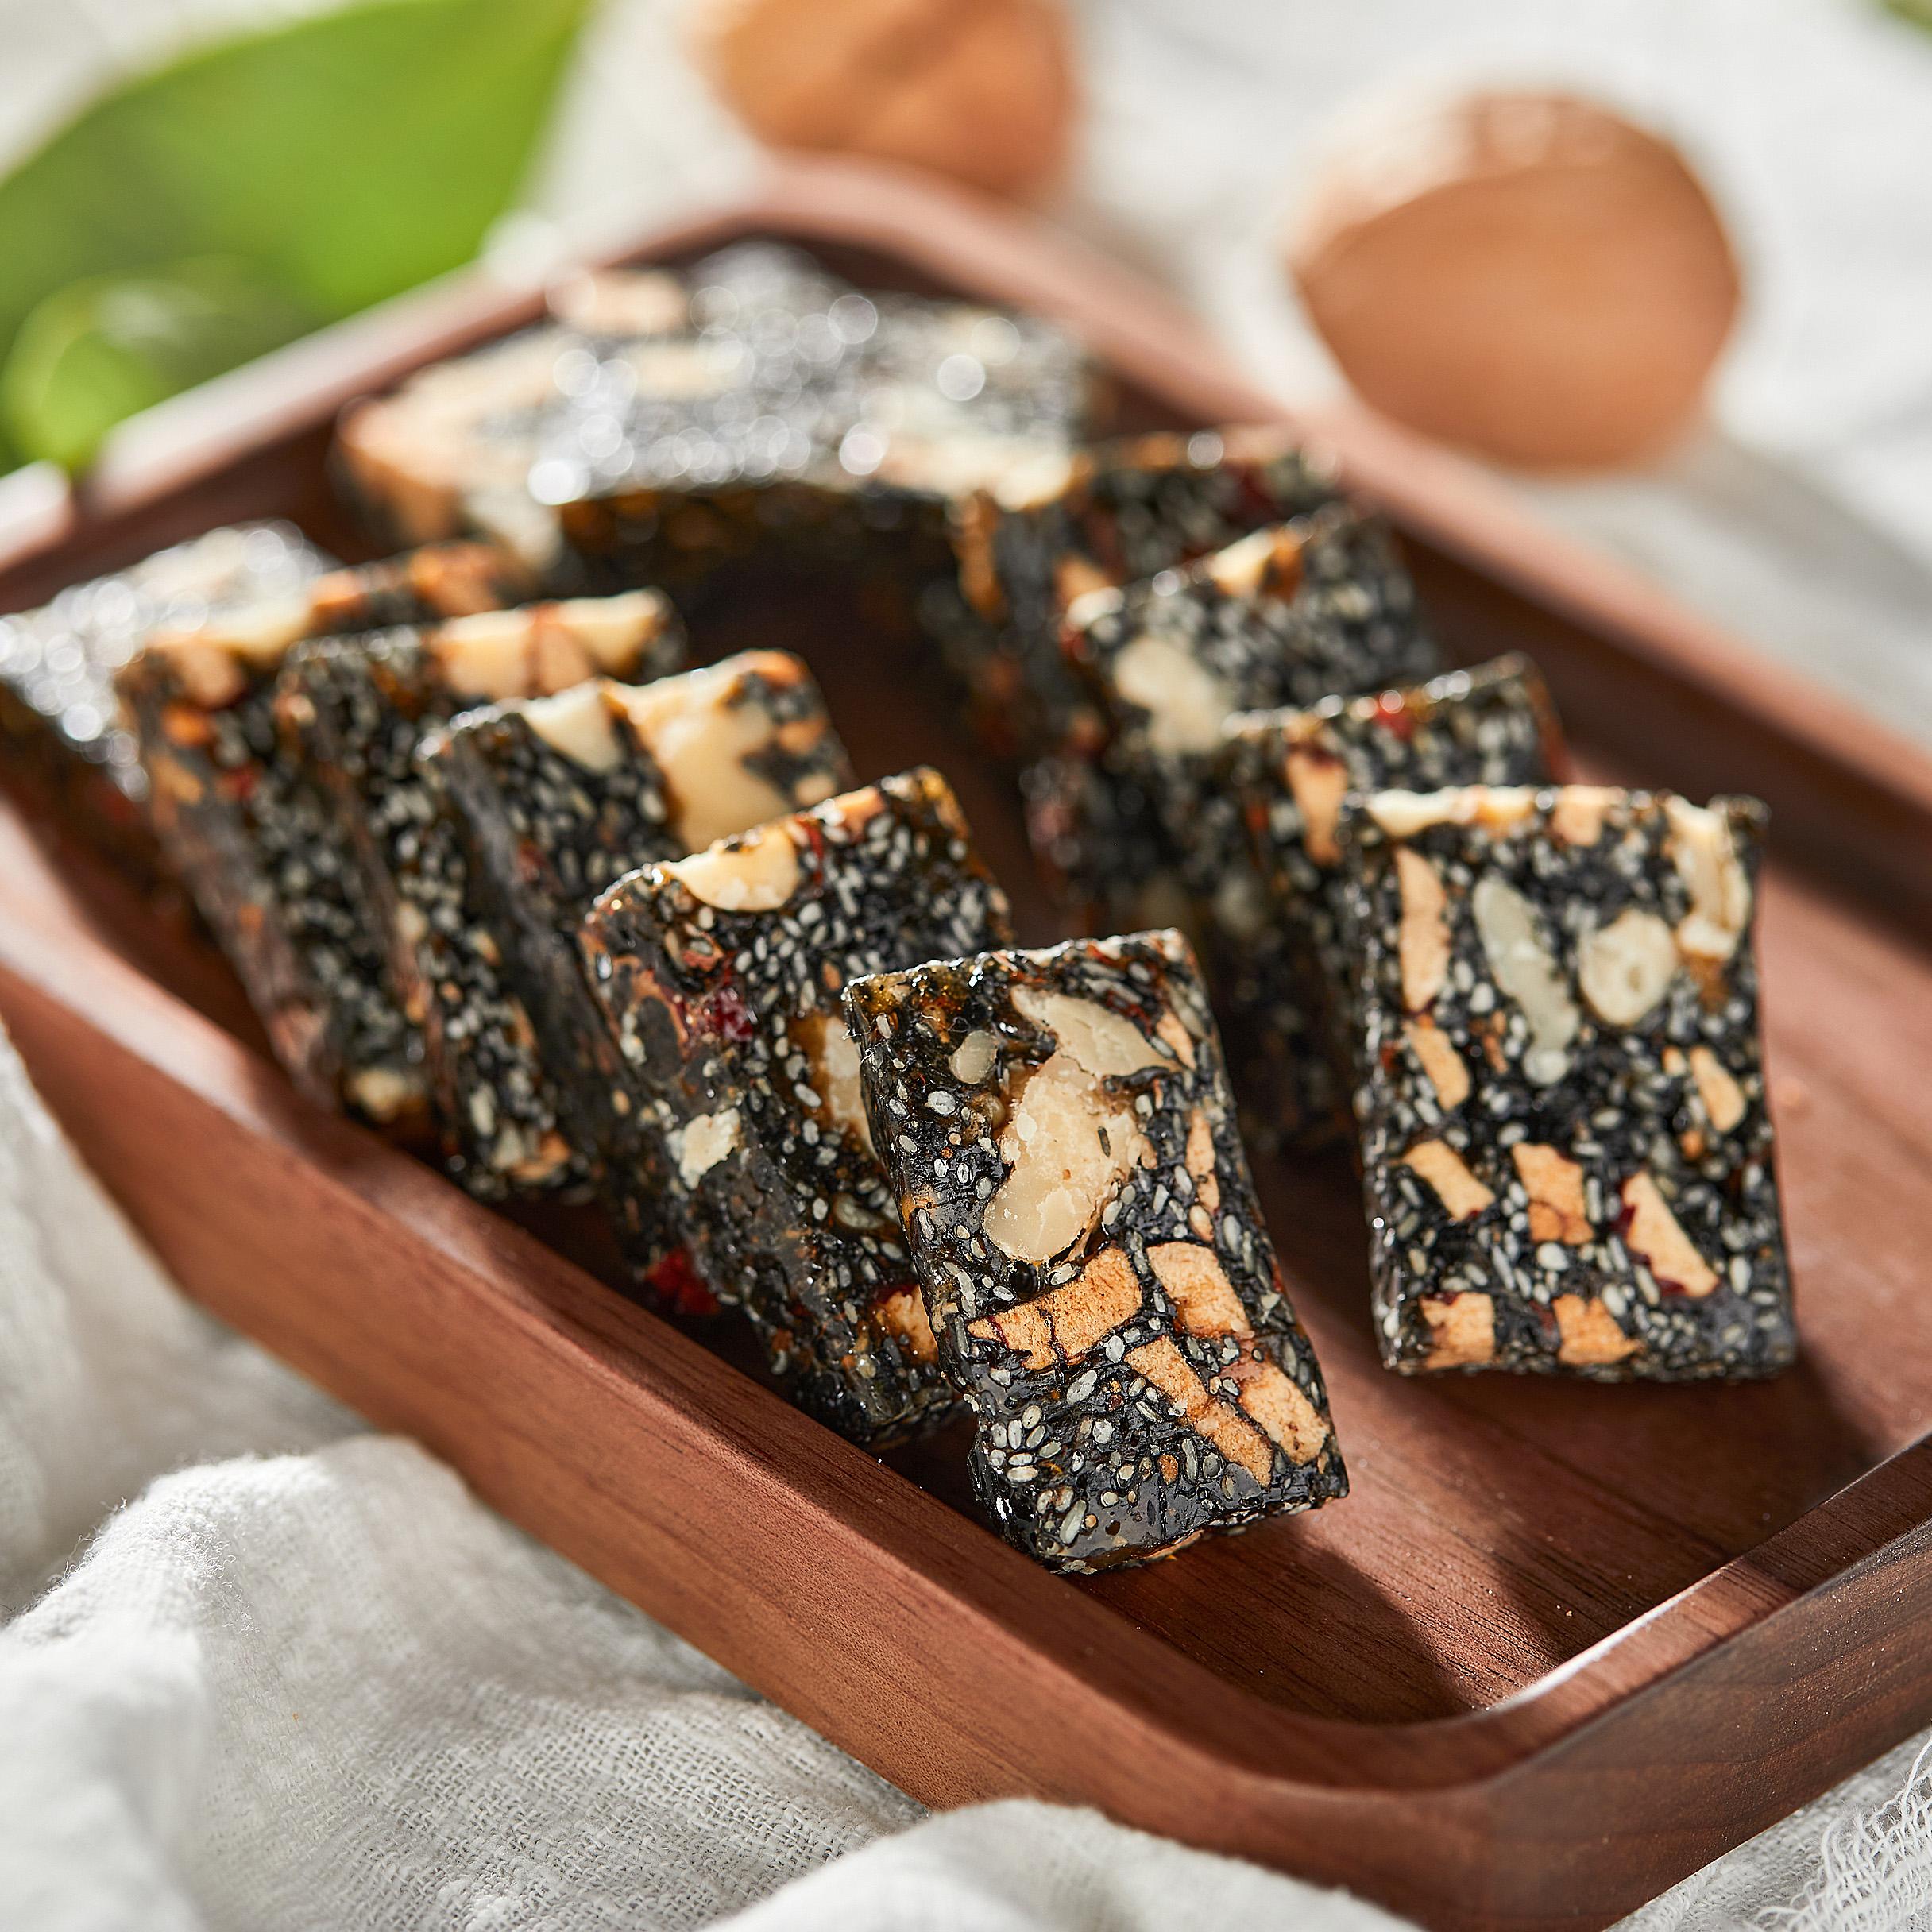 红枣黑芝麻核桃糕软糖 180g/袋女生孕妇期零食糕点心手工传统老式